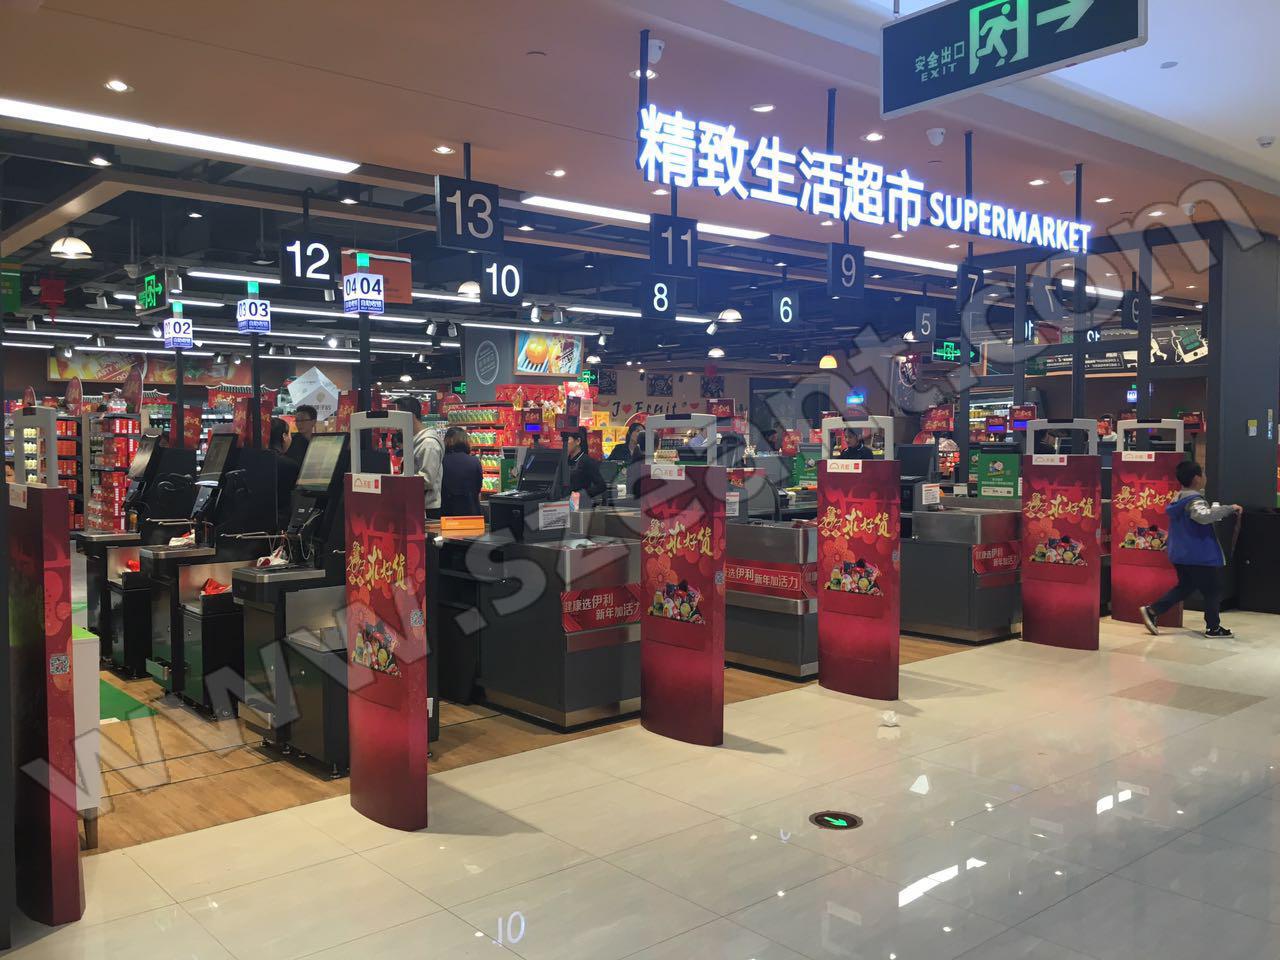 """客户名称:沙井天虹商场 产品型号:超市声磁防盗门禁AMT10 商家简介:2017年1月沙井天虹商场向我司采购AMT10超市声磁防盗门禁系统。 天虹经过三十多年的稳健发展,已成为中国南方大零售商之一,旗下拥有""""天虹""""、""""君尚""""两大品牌,并已形成超市、百货、购物中心、便利店、电商、金融六大板块的业务格局。 截至2016年12月27日,天虹在北京、广东、福建、江西、湖南、江苏、浙江、四川等8省直辖市20市开设了67家百货、4家购物中心;天虹微喔便利店在深圳、厦门、"""